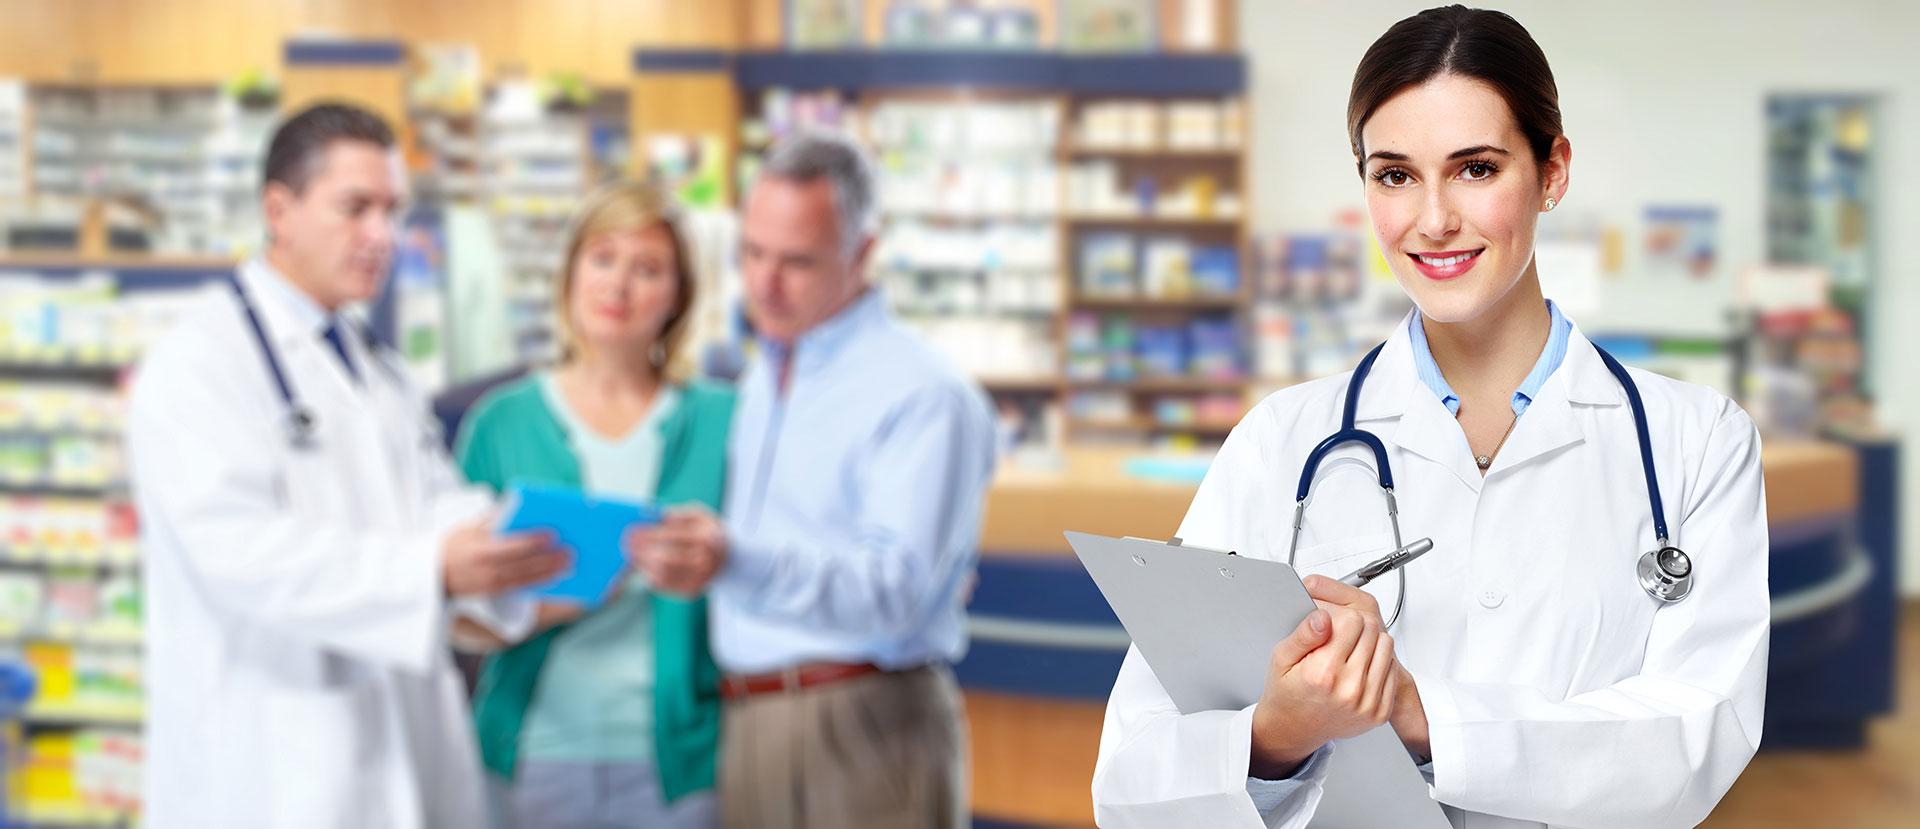 Linee guida per la tua farmacia arredamento per interni for Programmi di arredamento